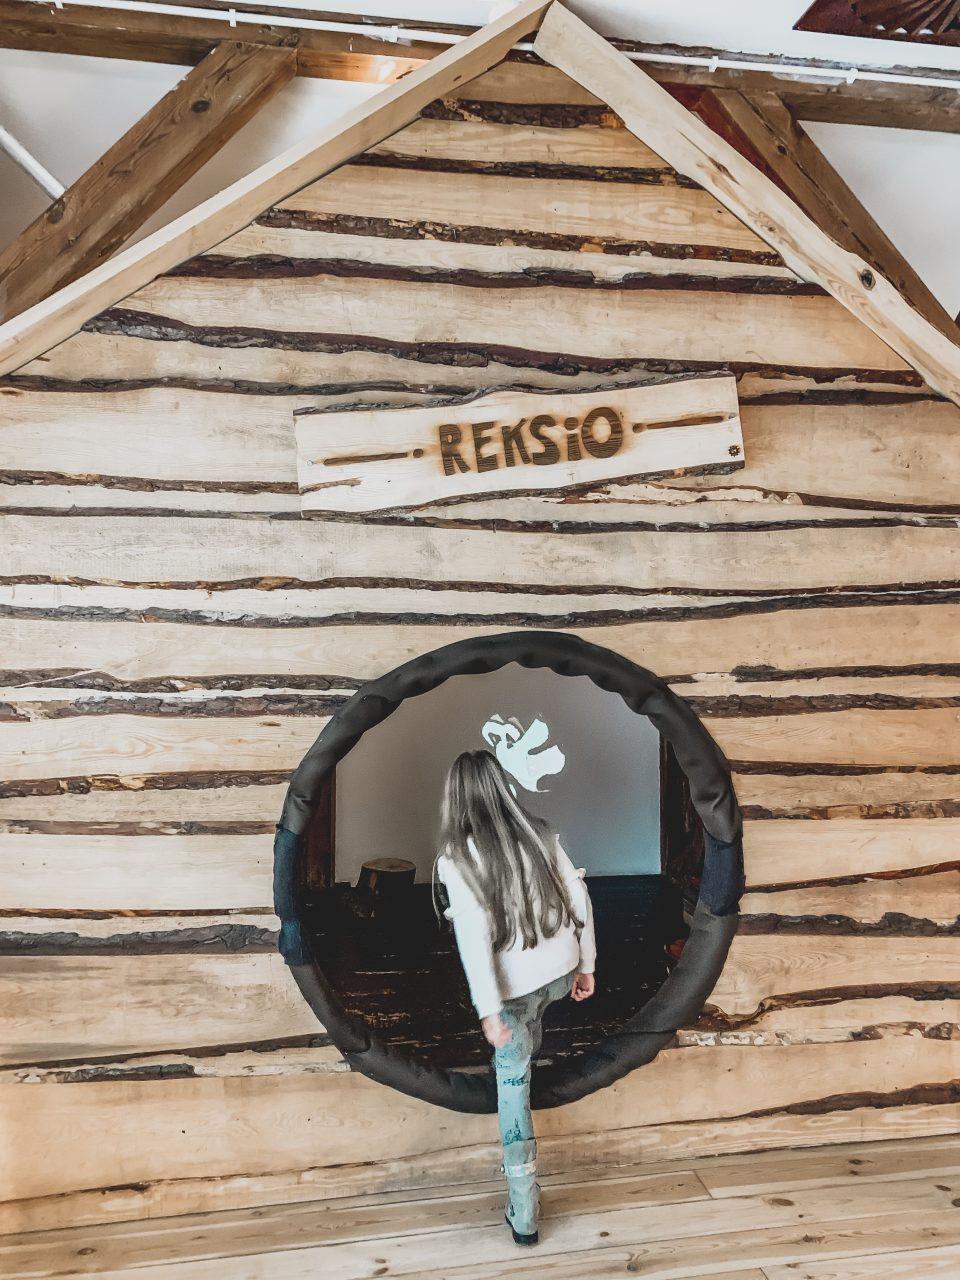 Ferie w łodzi, atrakcje dla dzieci w Łodzi, papugarnia, klubokawiarnia w łodzi, mini zoo w łodzi